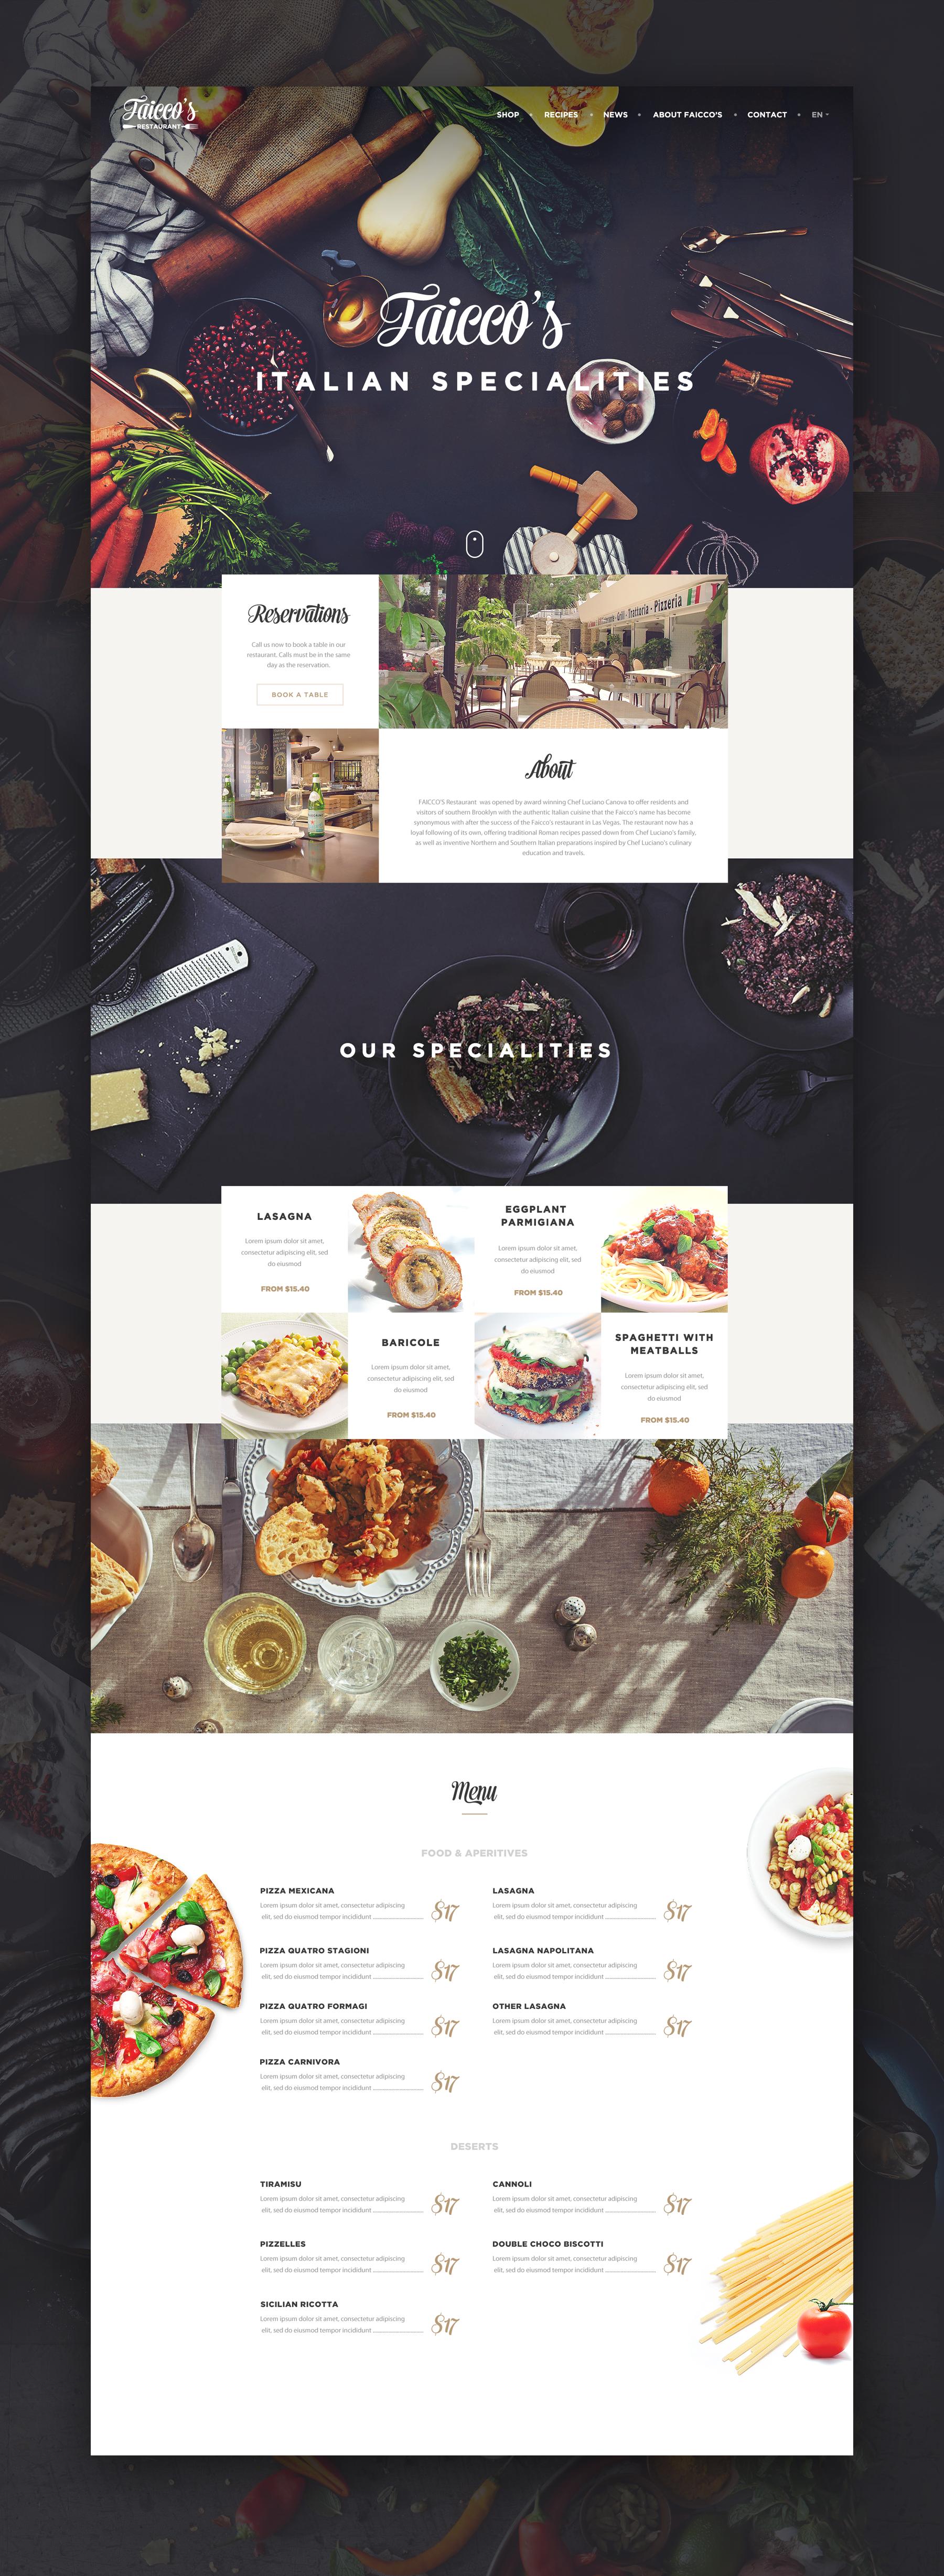 Large Png By Virgil Pana Web Layout Design Website Design Inspiration Food Web Design